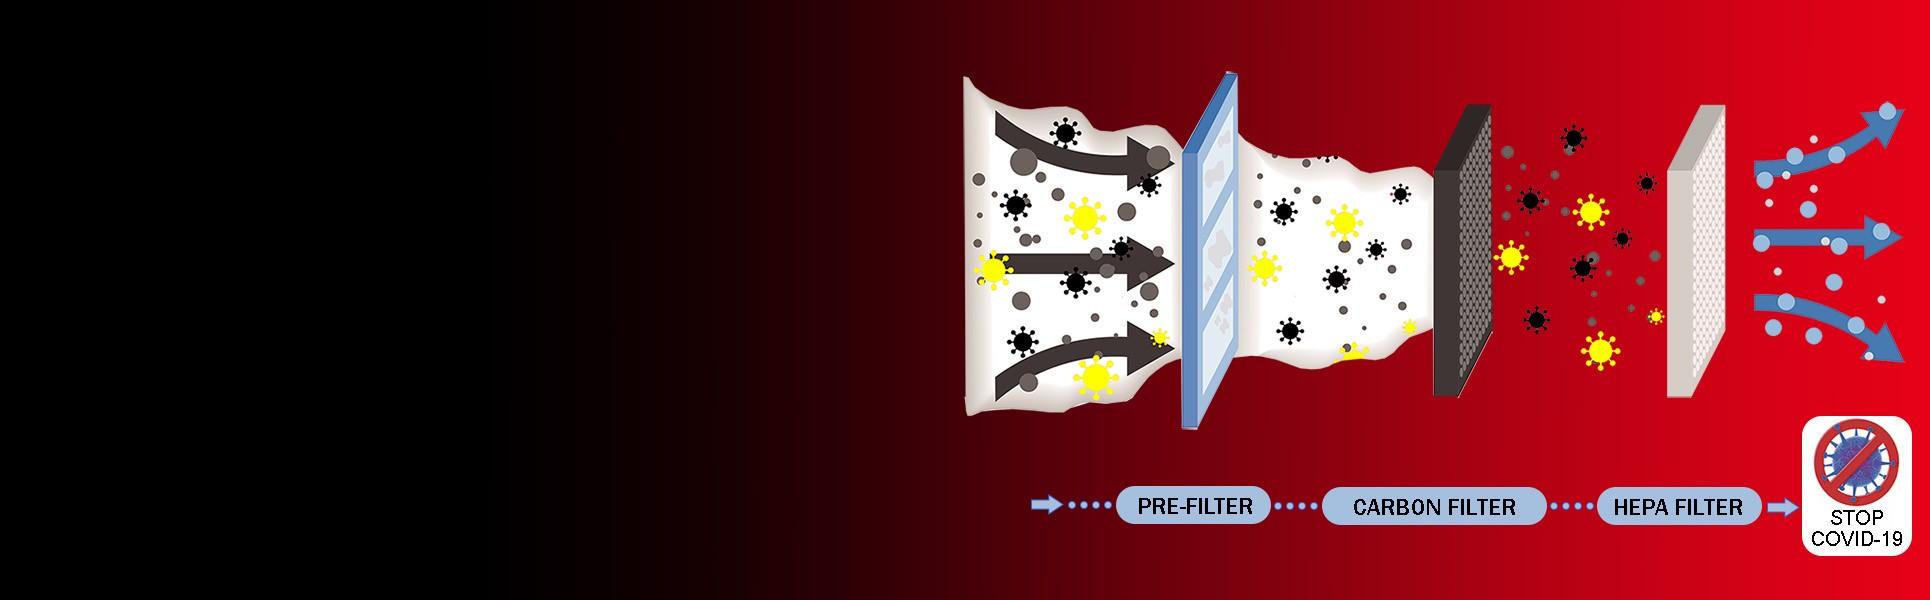 hepa filter media saniflow